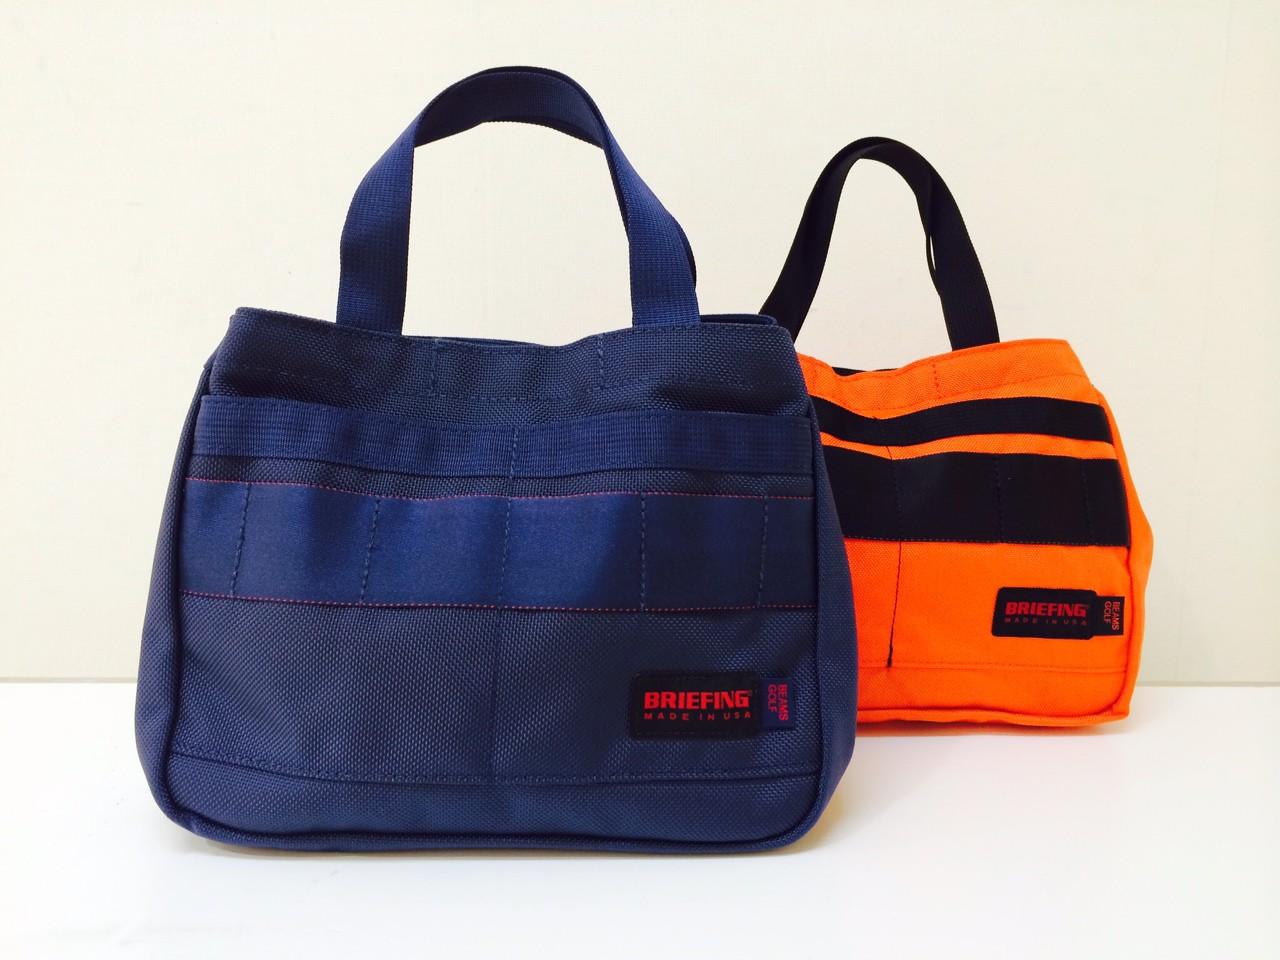 ビジネスバッグ2つ持ち、カッコ可愛いブリーフィング×ビームス